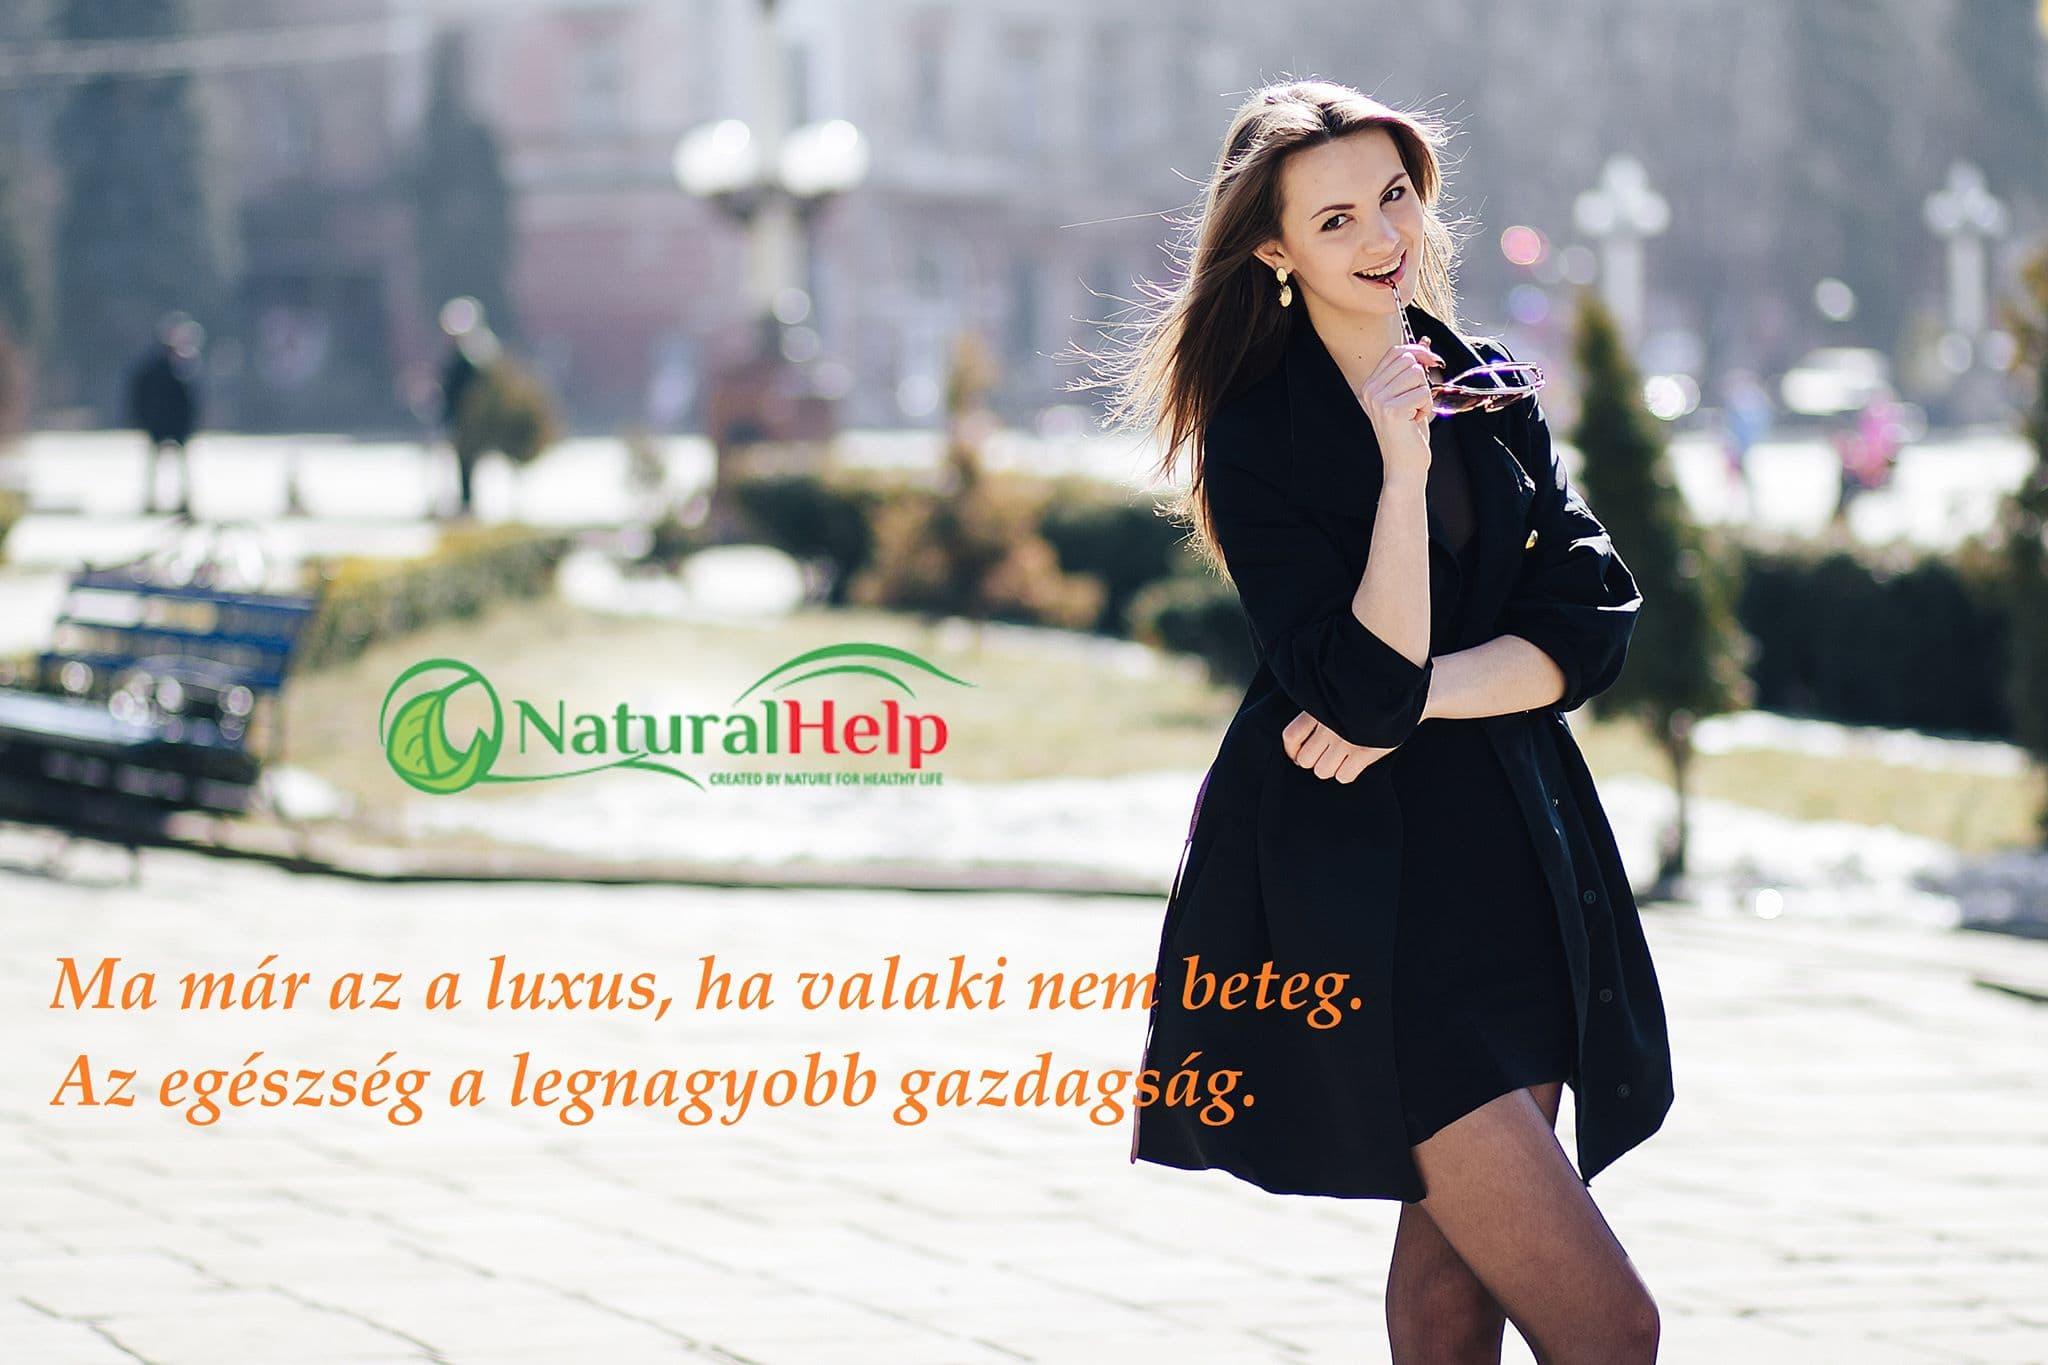 Natualhelp-egészség az luxus